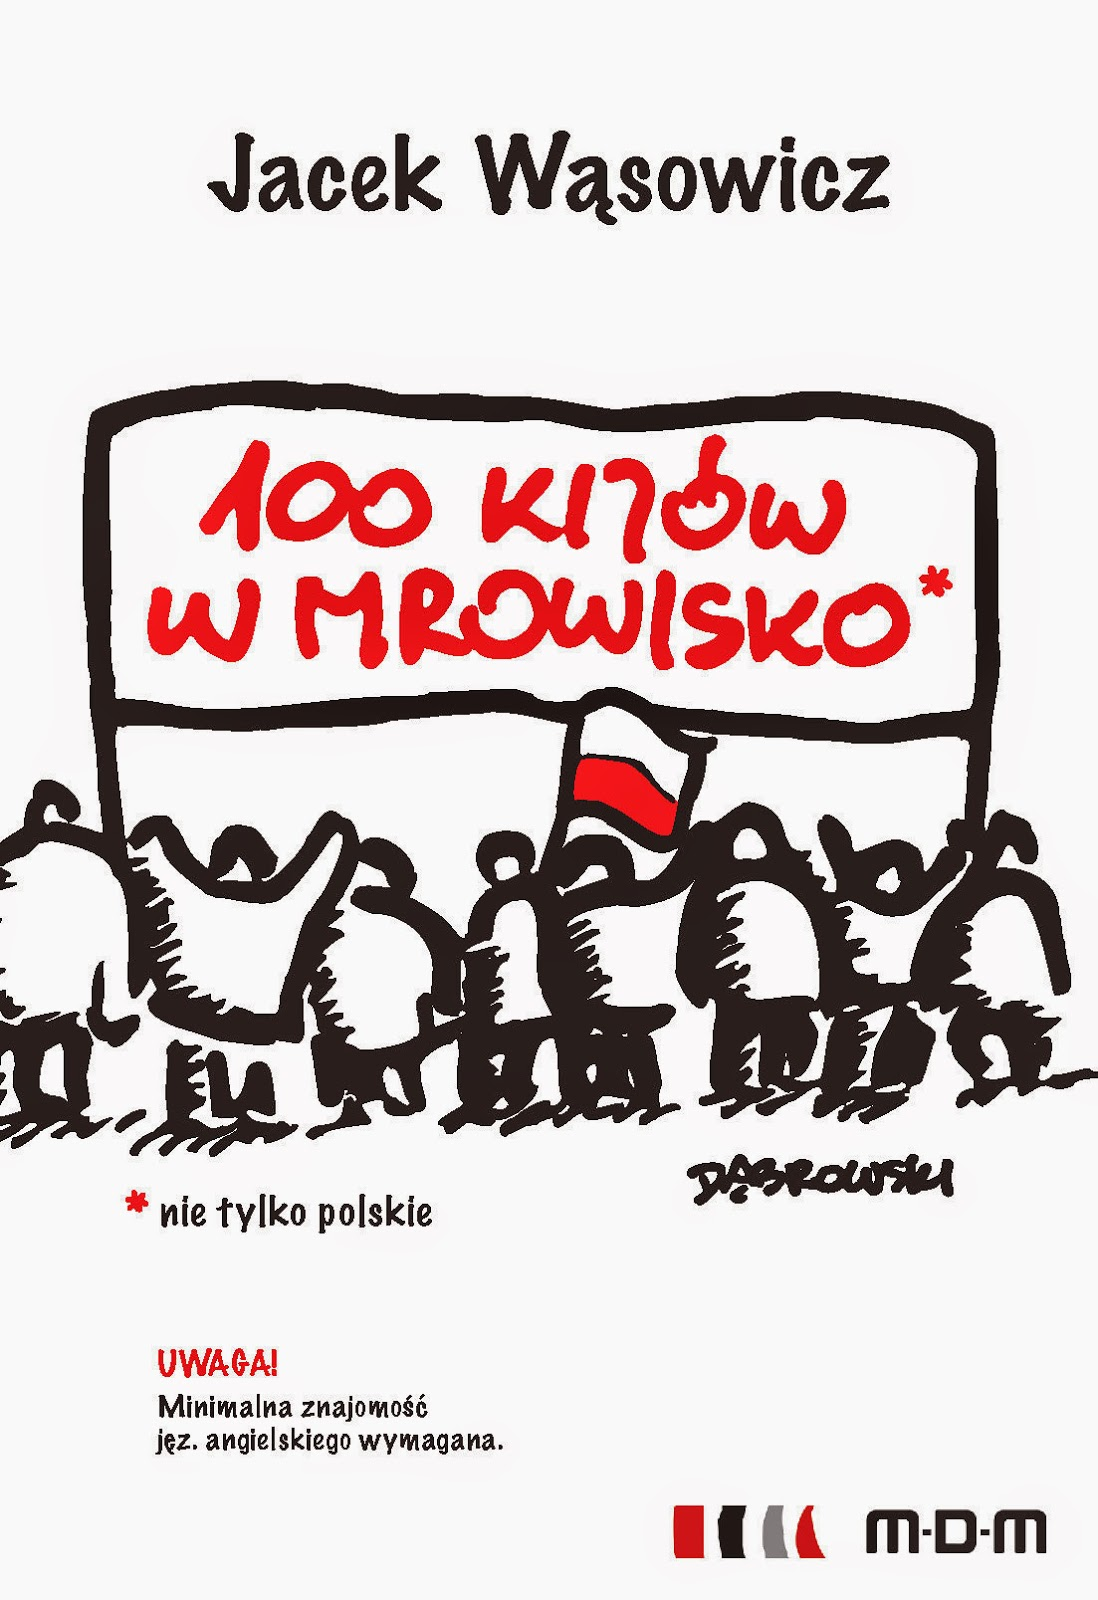 http://www.m-d-m.pl/index.php?strona=JW100&id=1